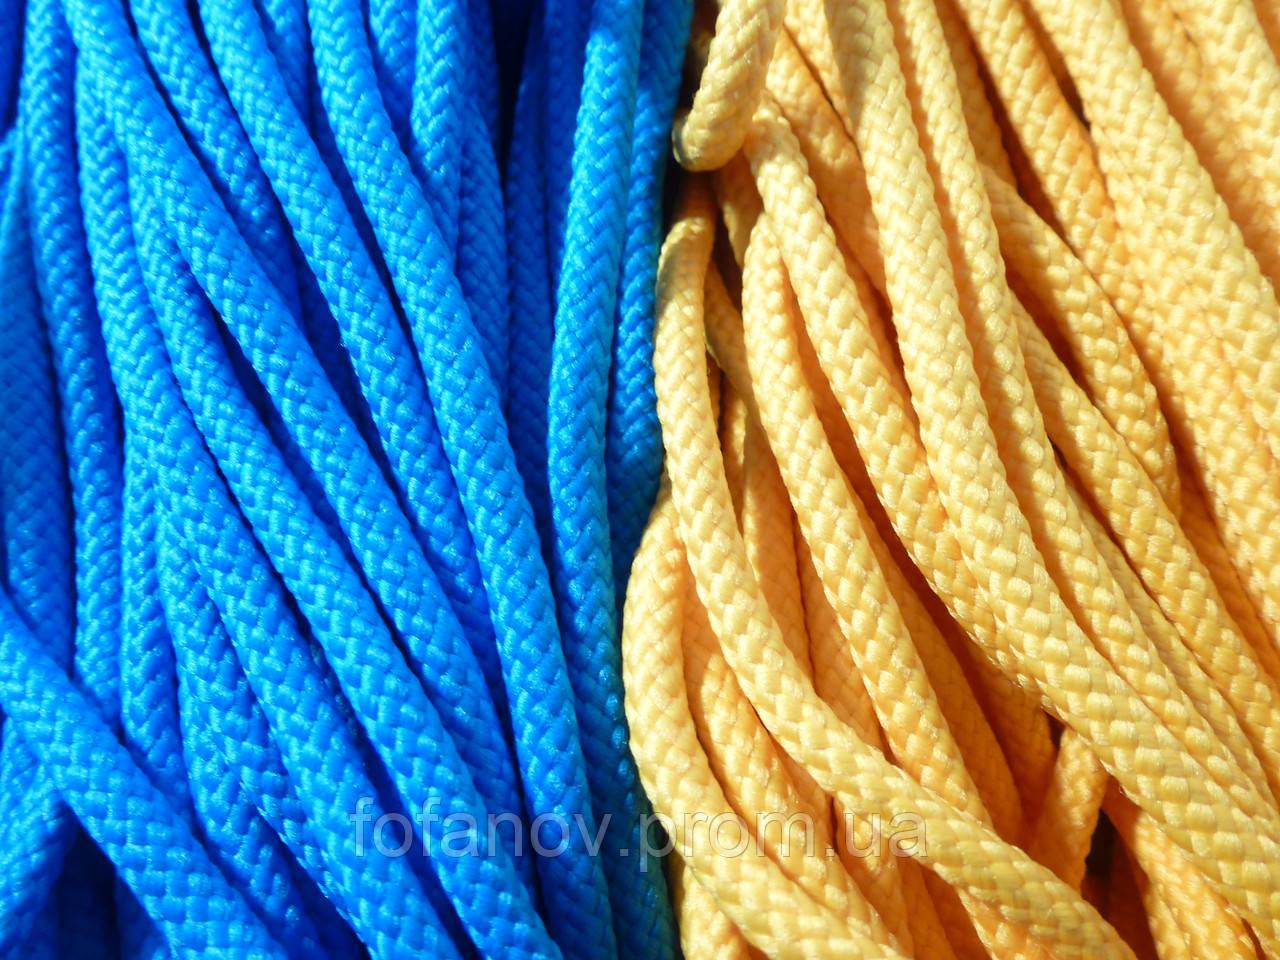 купить шнур 3 мм полиэфирный цветной от 100 м в киеве шнур 3 мм